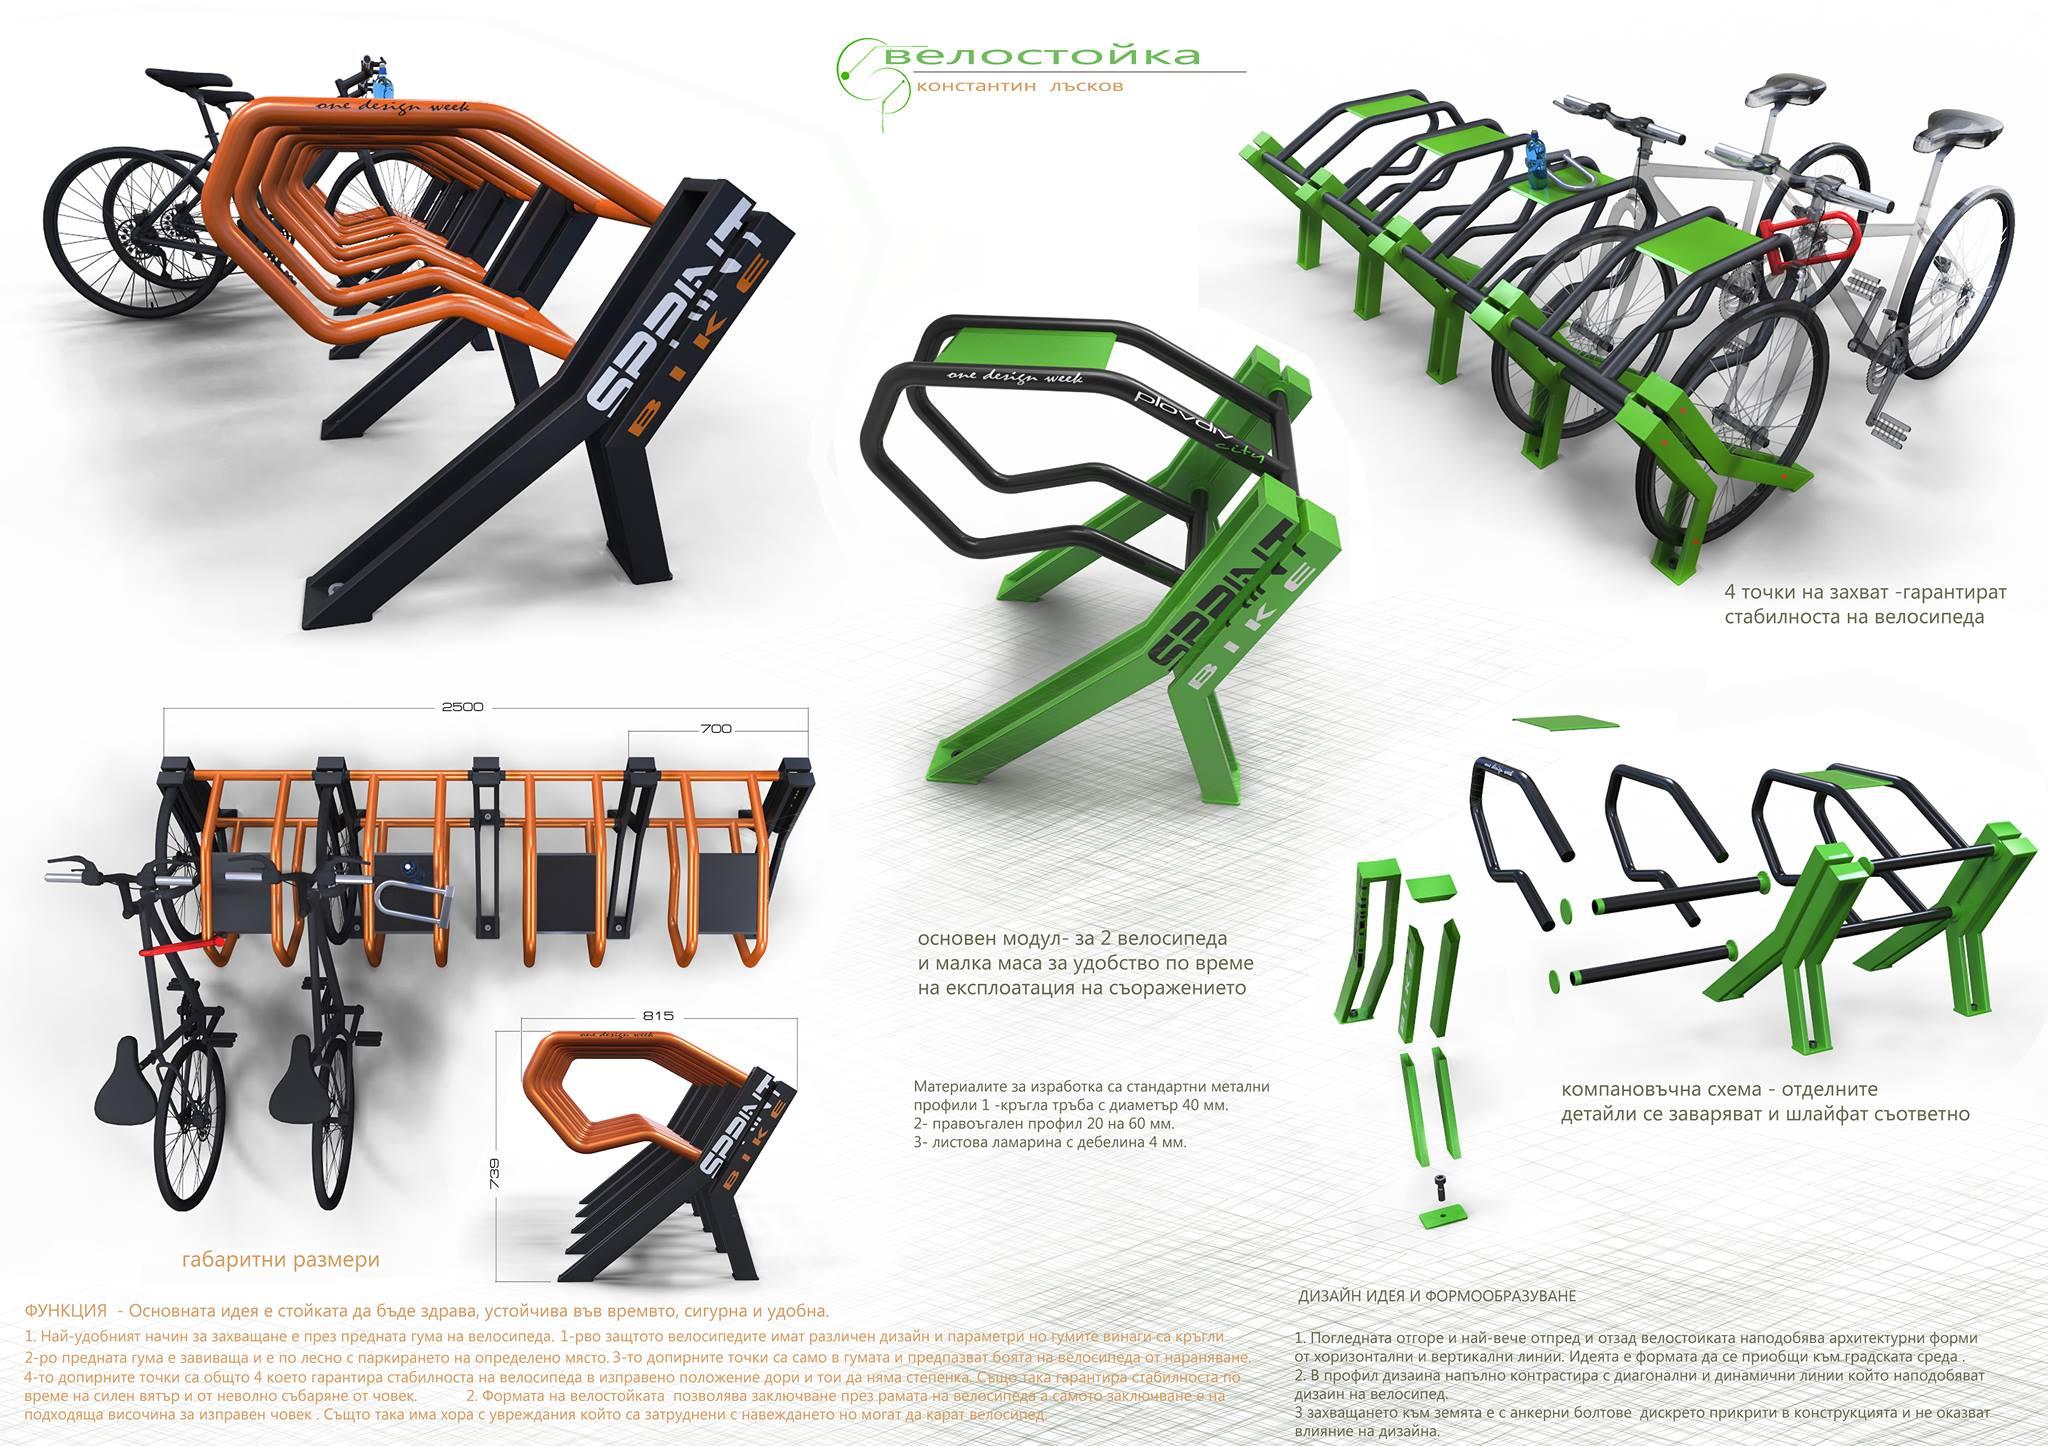 Produktov dizajn - velostojka za gradska sreda 1